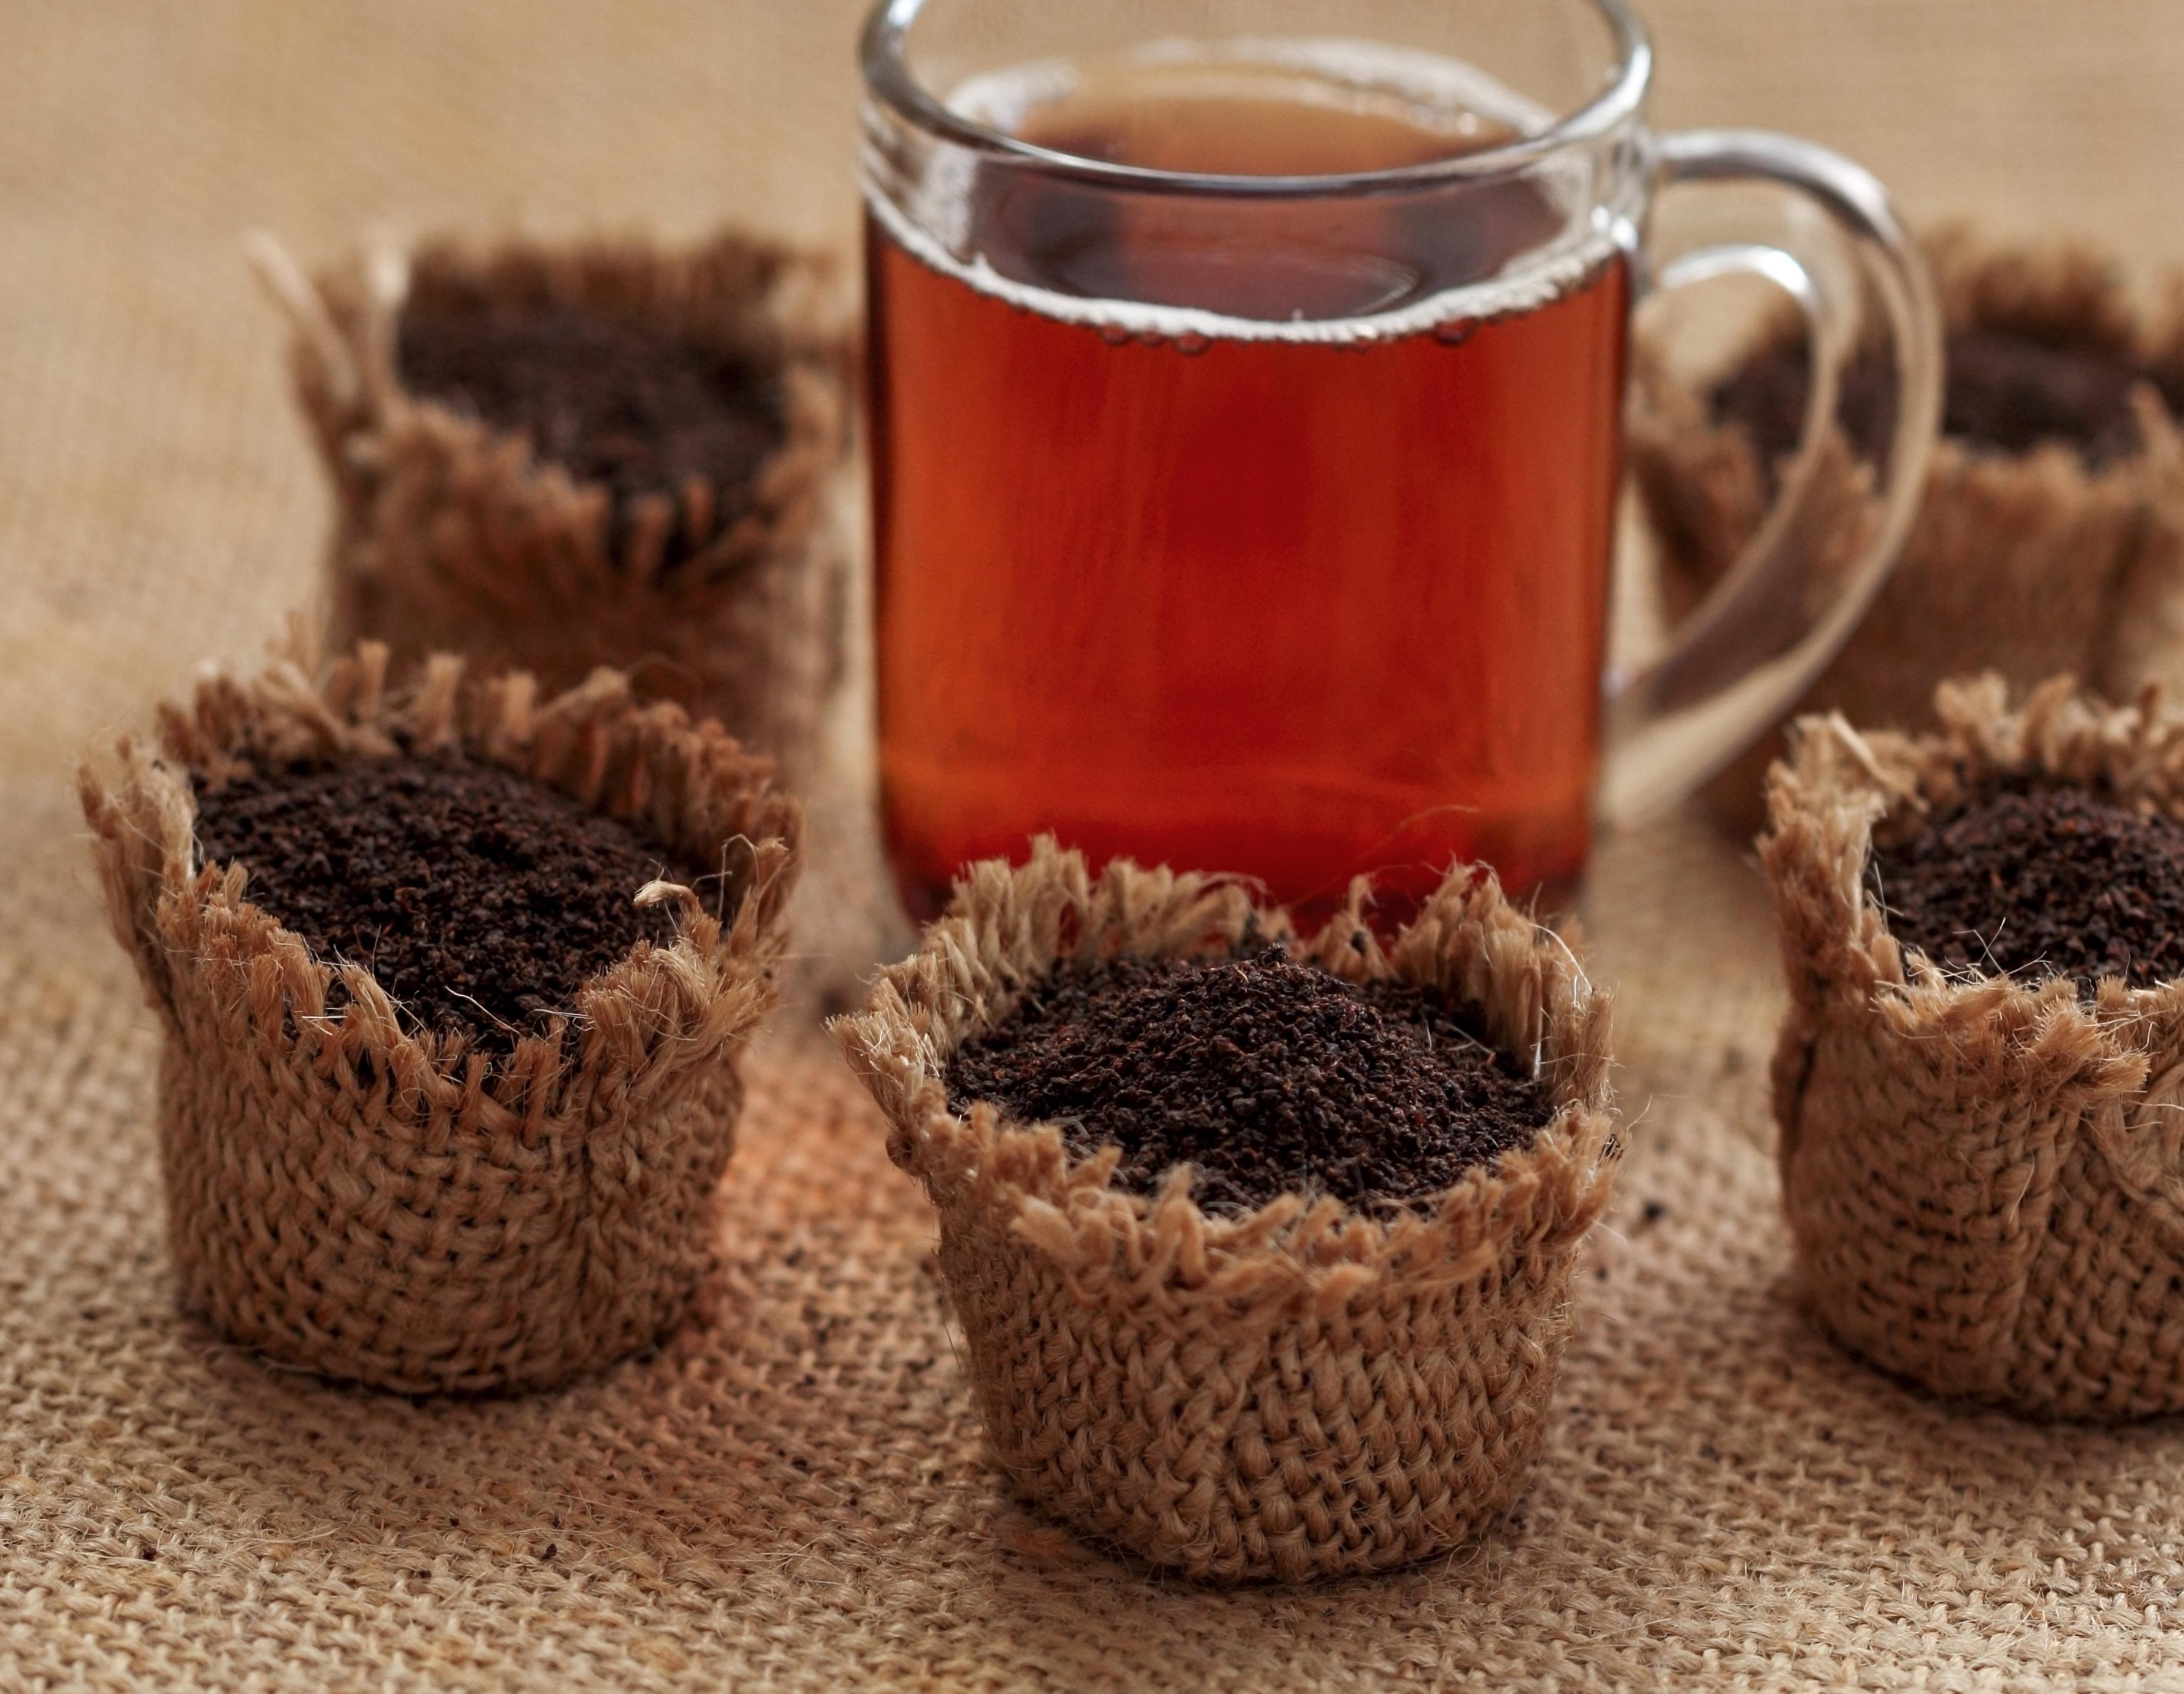 Déjate fascinar por la primera gran plantación de té de Kenia - Kenia Safari Kenia y Tanzania al completo